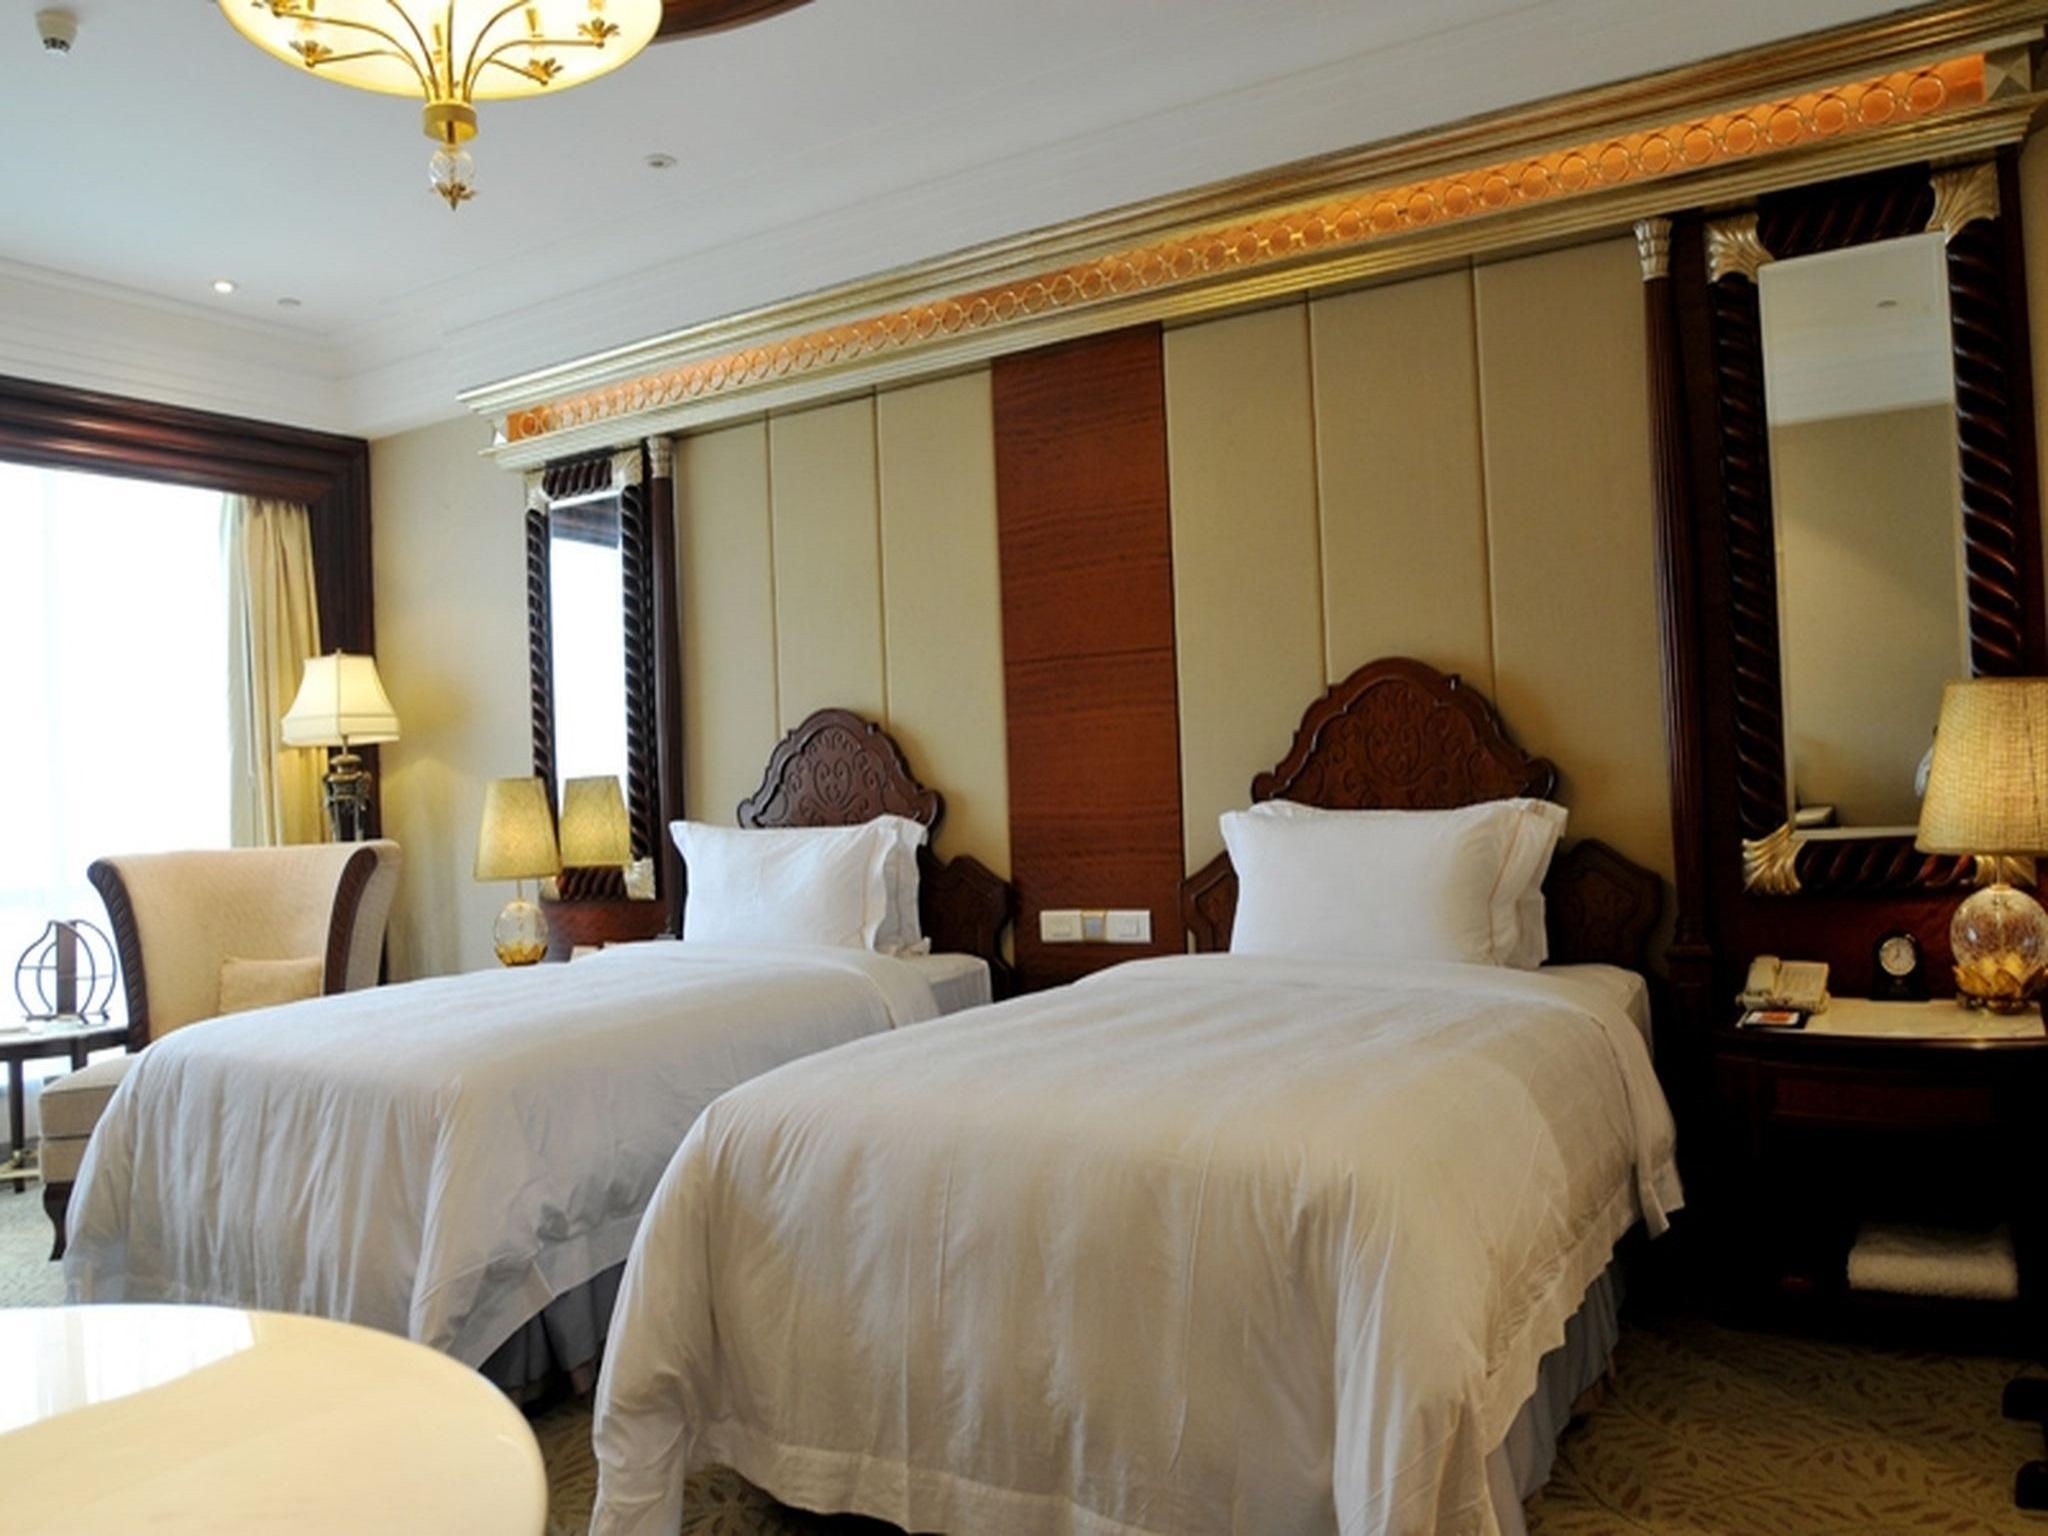 东莞嘉华大酒店 Regal Palace图片